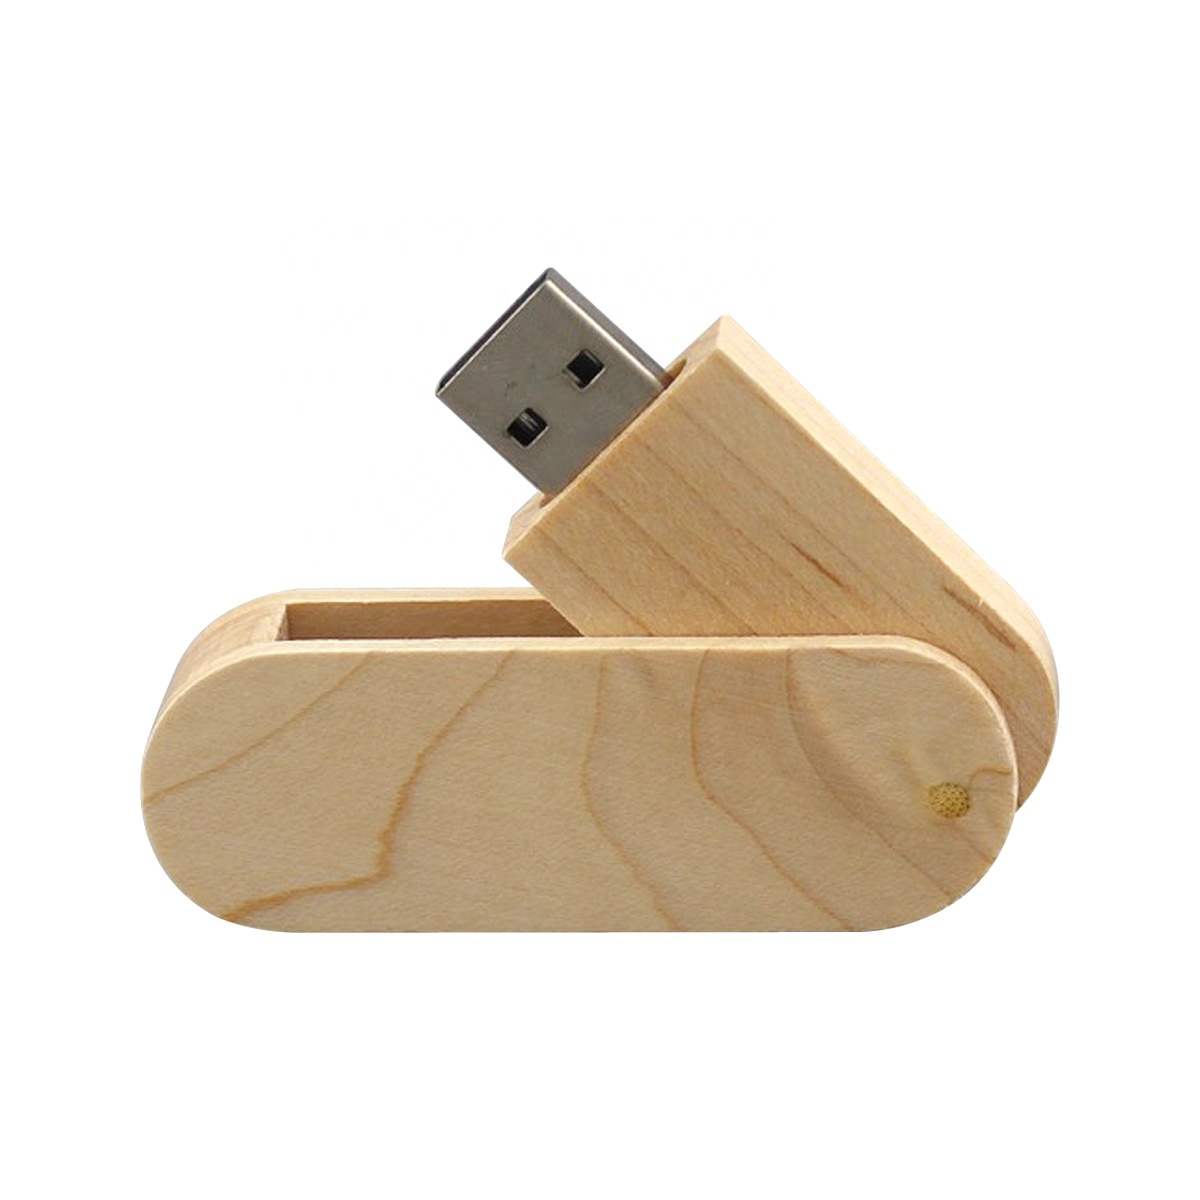 8GB, 16GB, 32GB, 64GB, 128GB ไม้หมุน USB Stick USB3.0, USB2.0